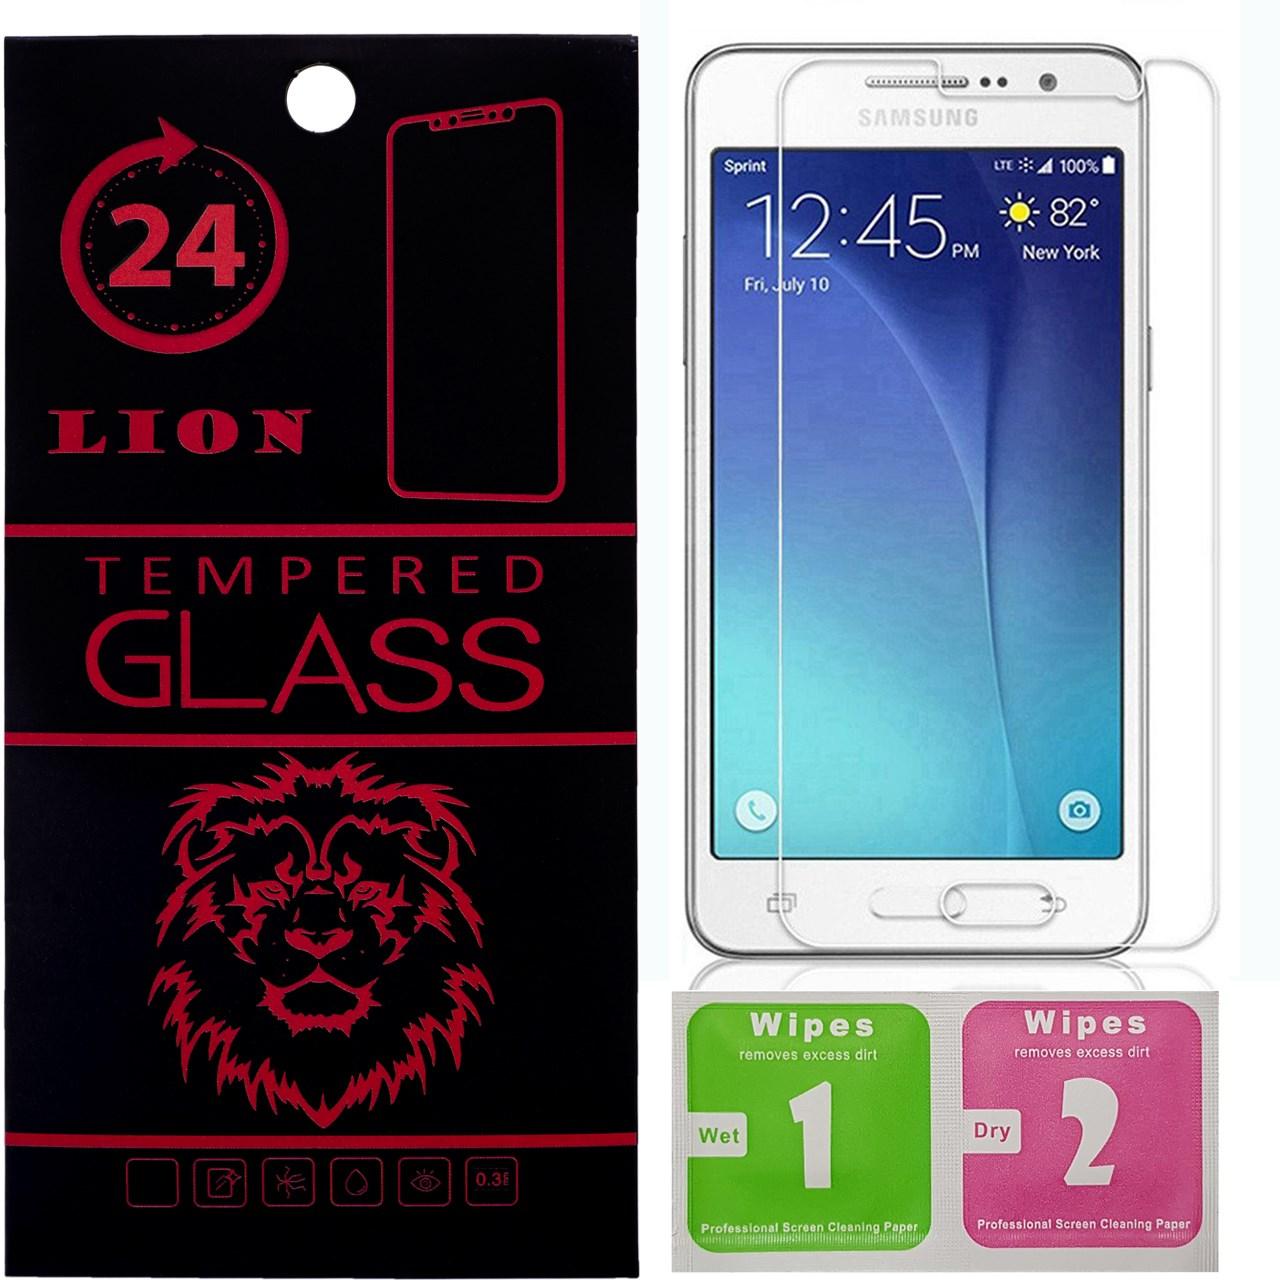 محافظ صفحه نمایش شیشه ای لاین مدل 2.5D مناسب برای گوشی سامسونگ G530_Grand Prime